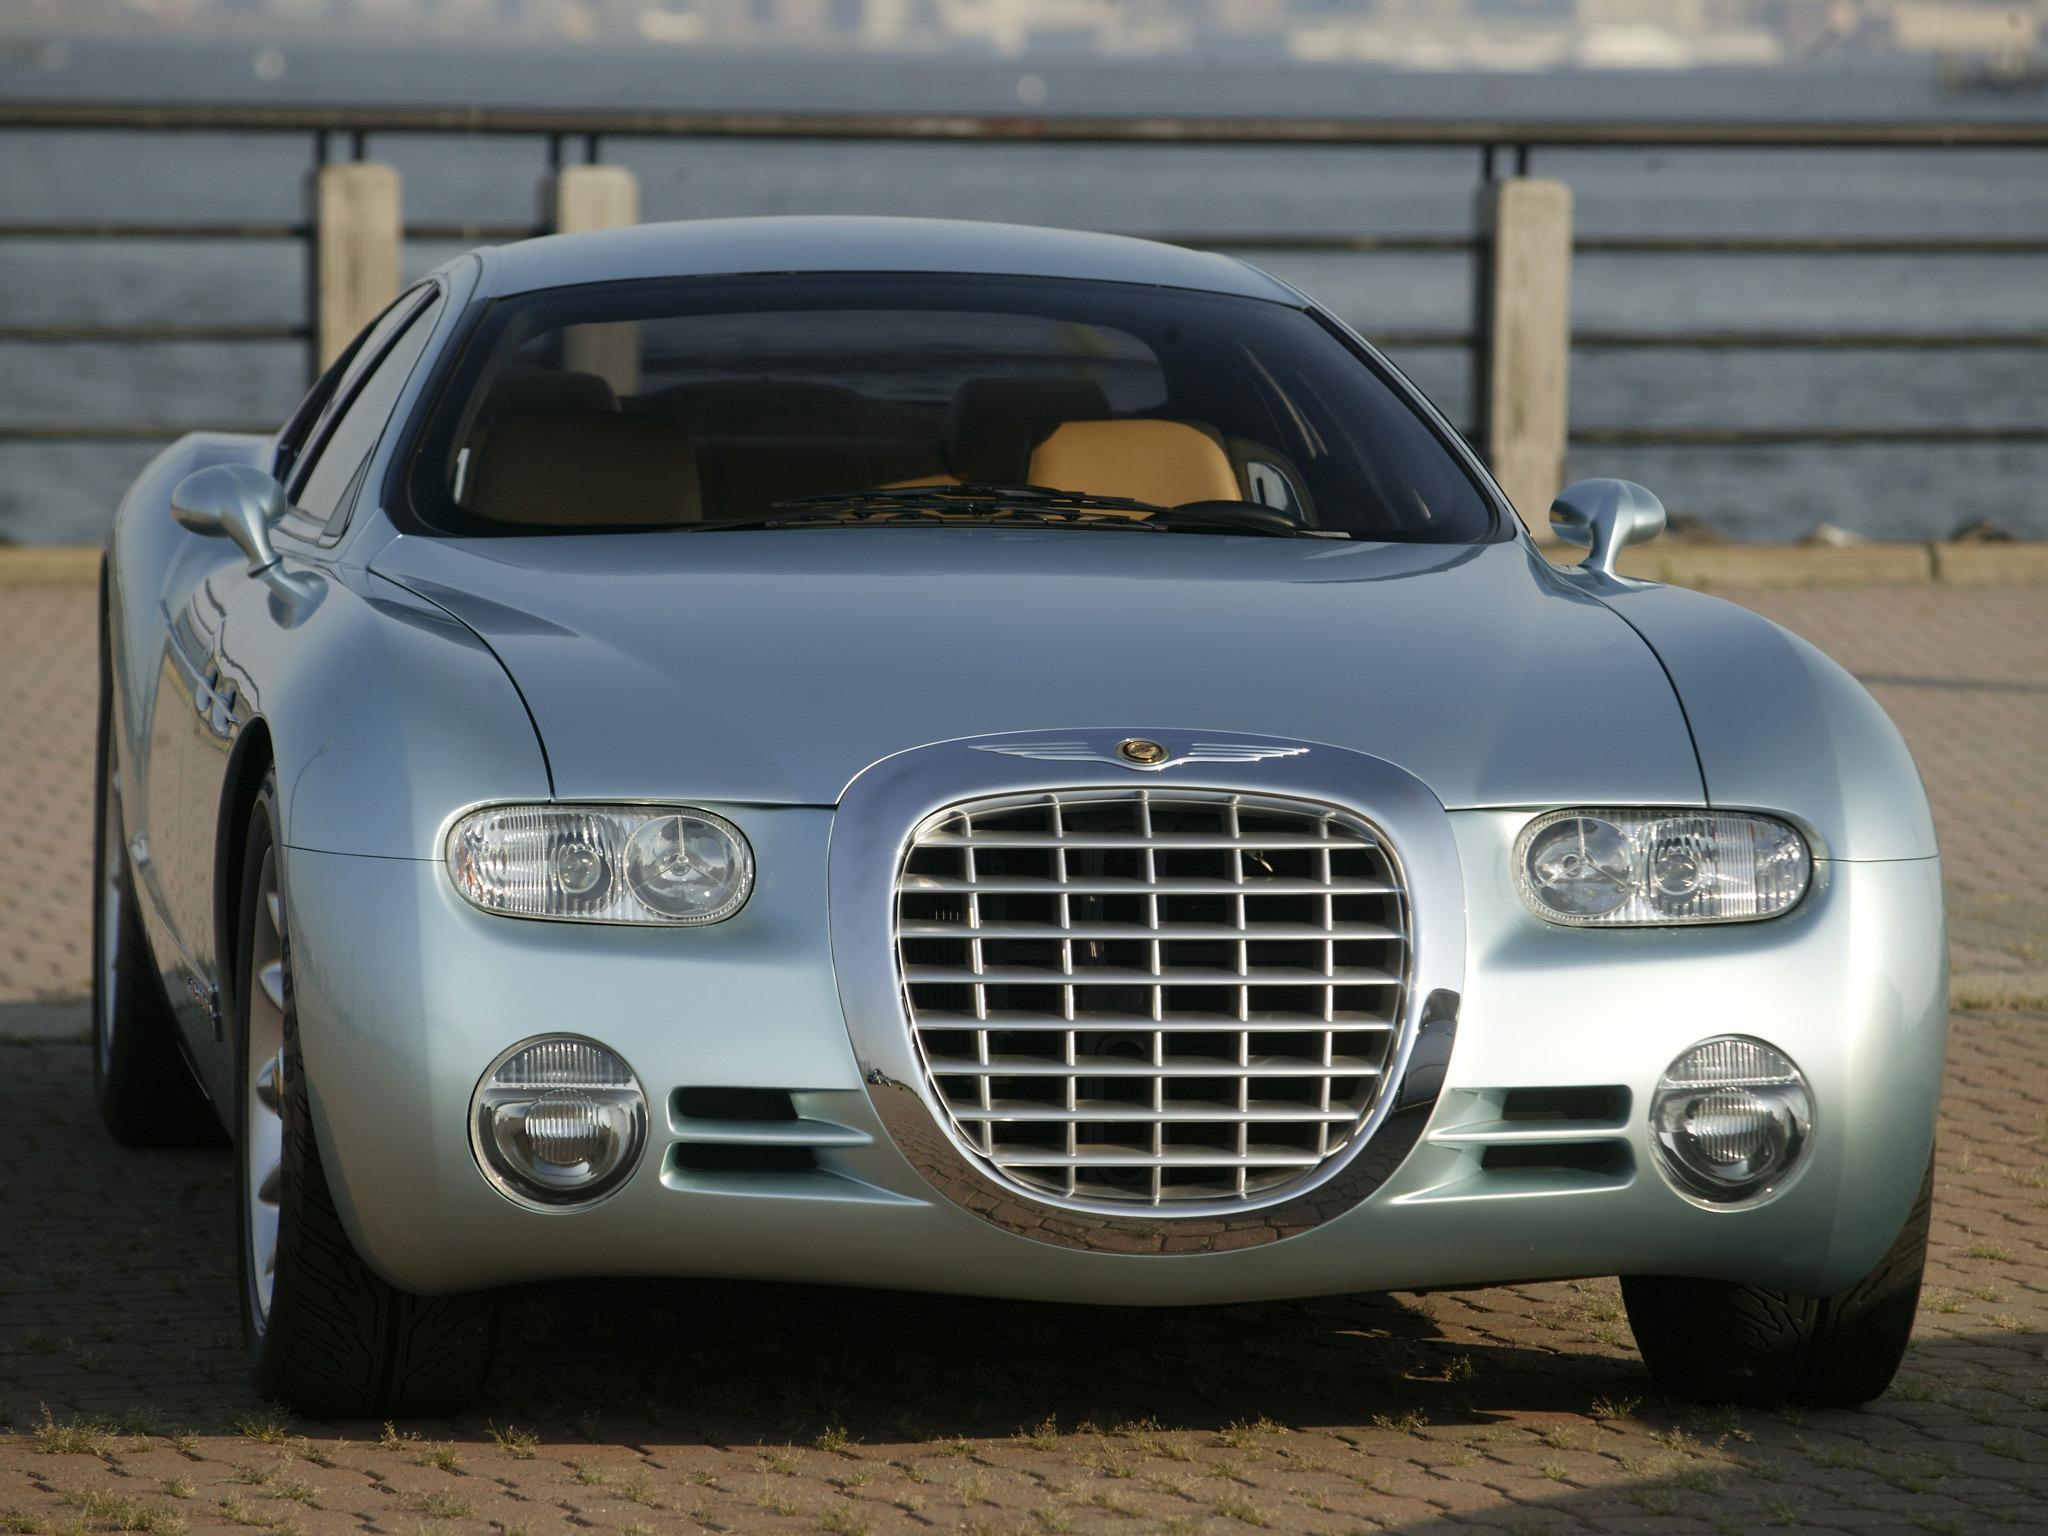 Volvo Near Me >> Chrysler Chronos Concept (1998) - Old Concept Cars